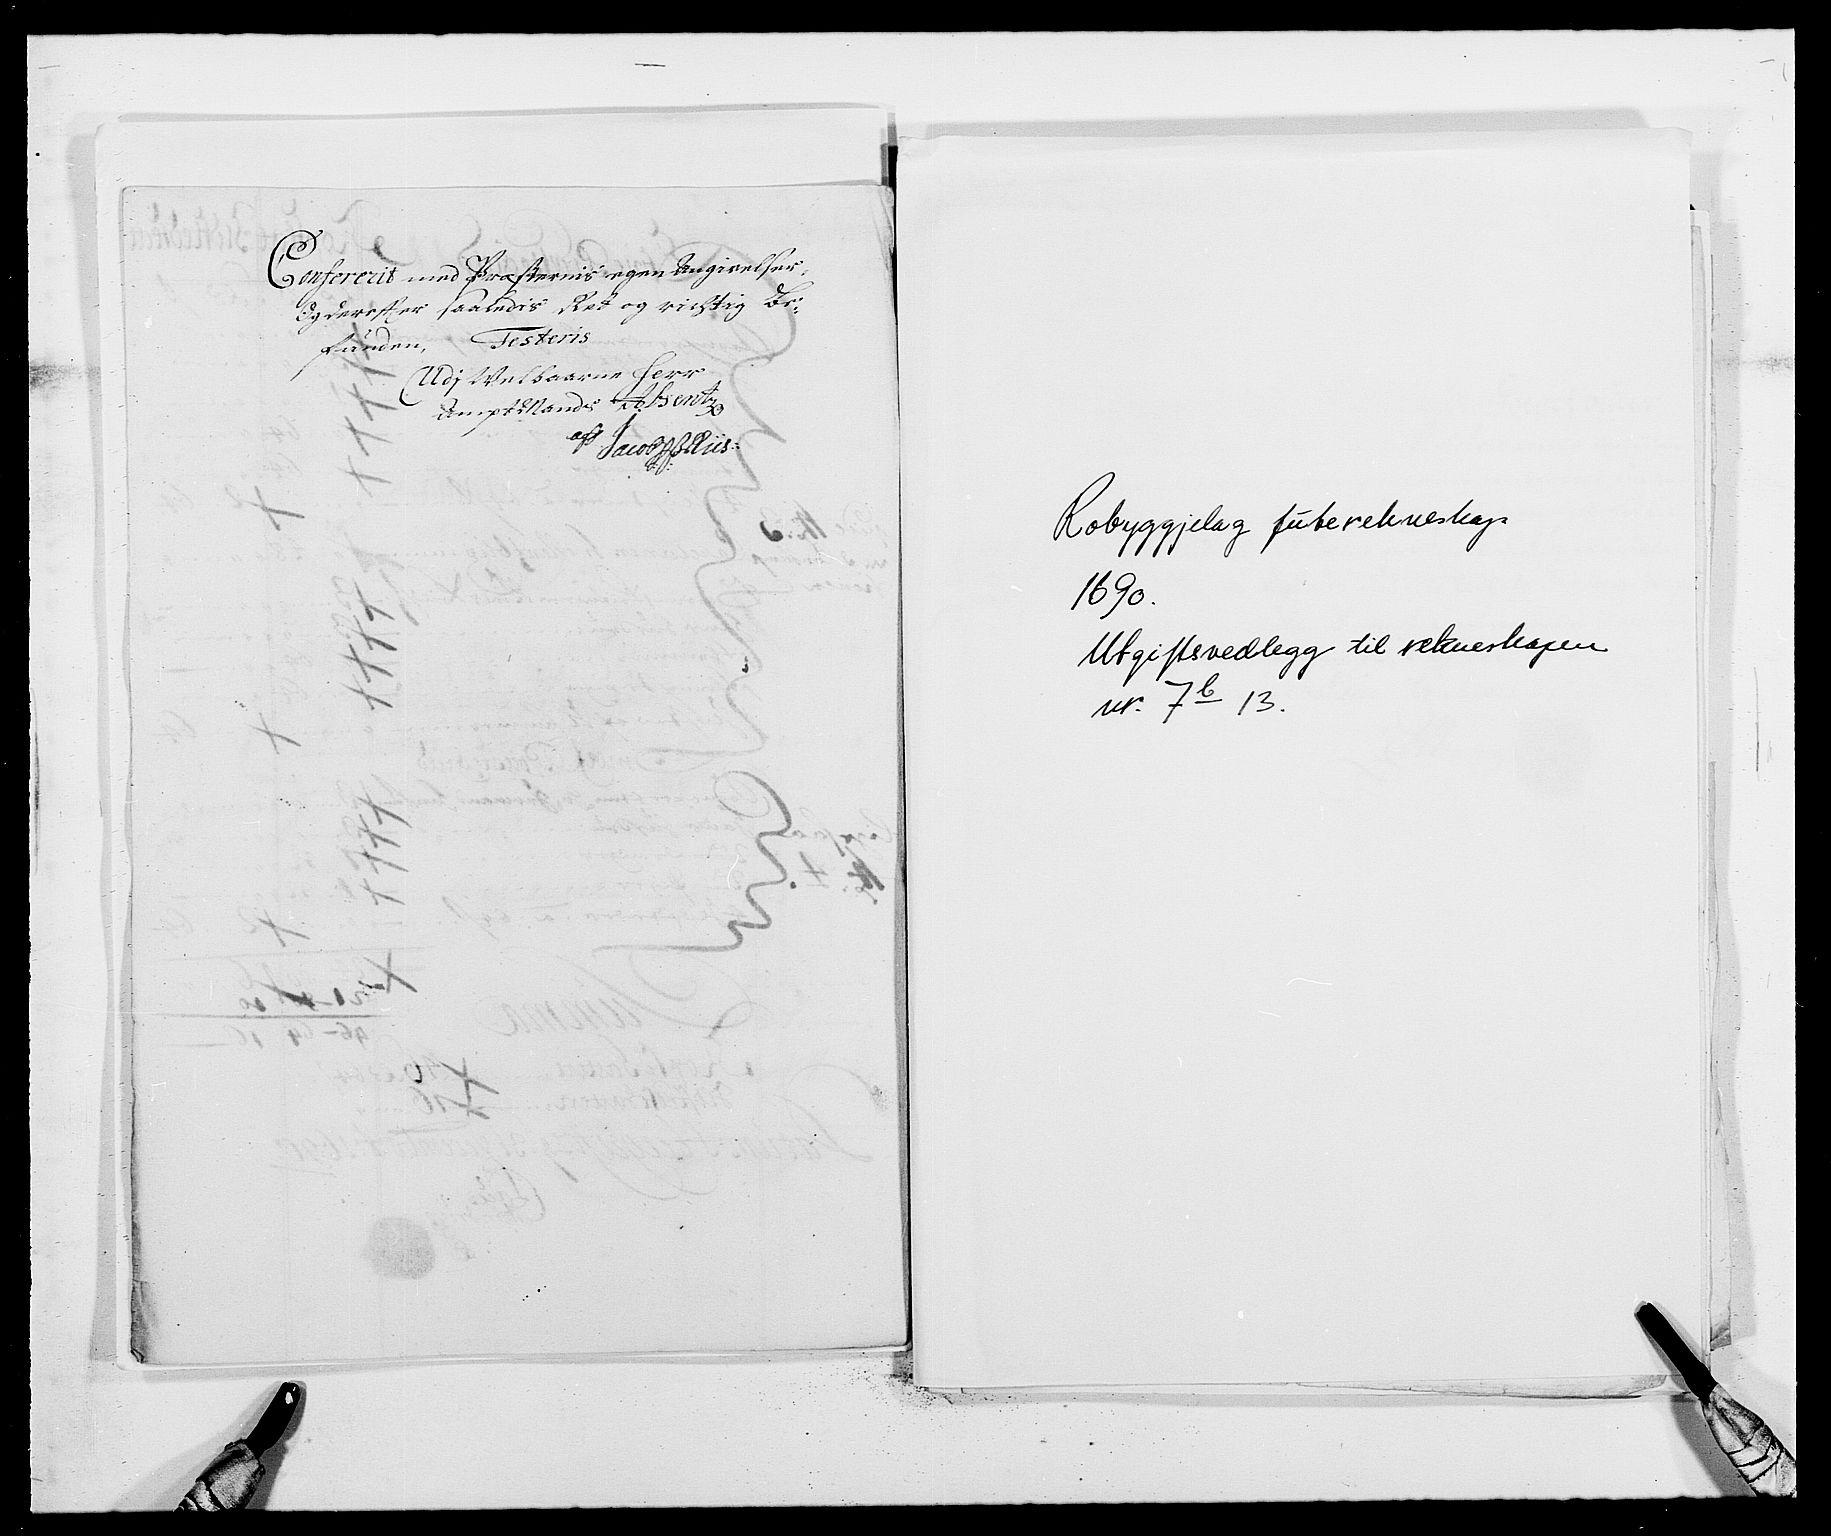 RA, Rentekammeret inntil 1814, Reviderte regnskaper, Fogderegnskap, R40/L2442: Fogderegnskap Råbyggelag, 1689-1690, s. 191